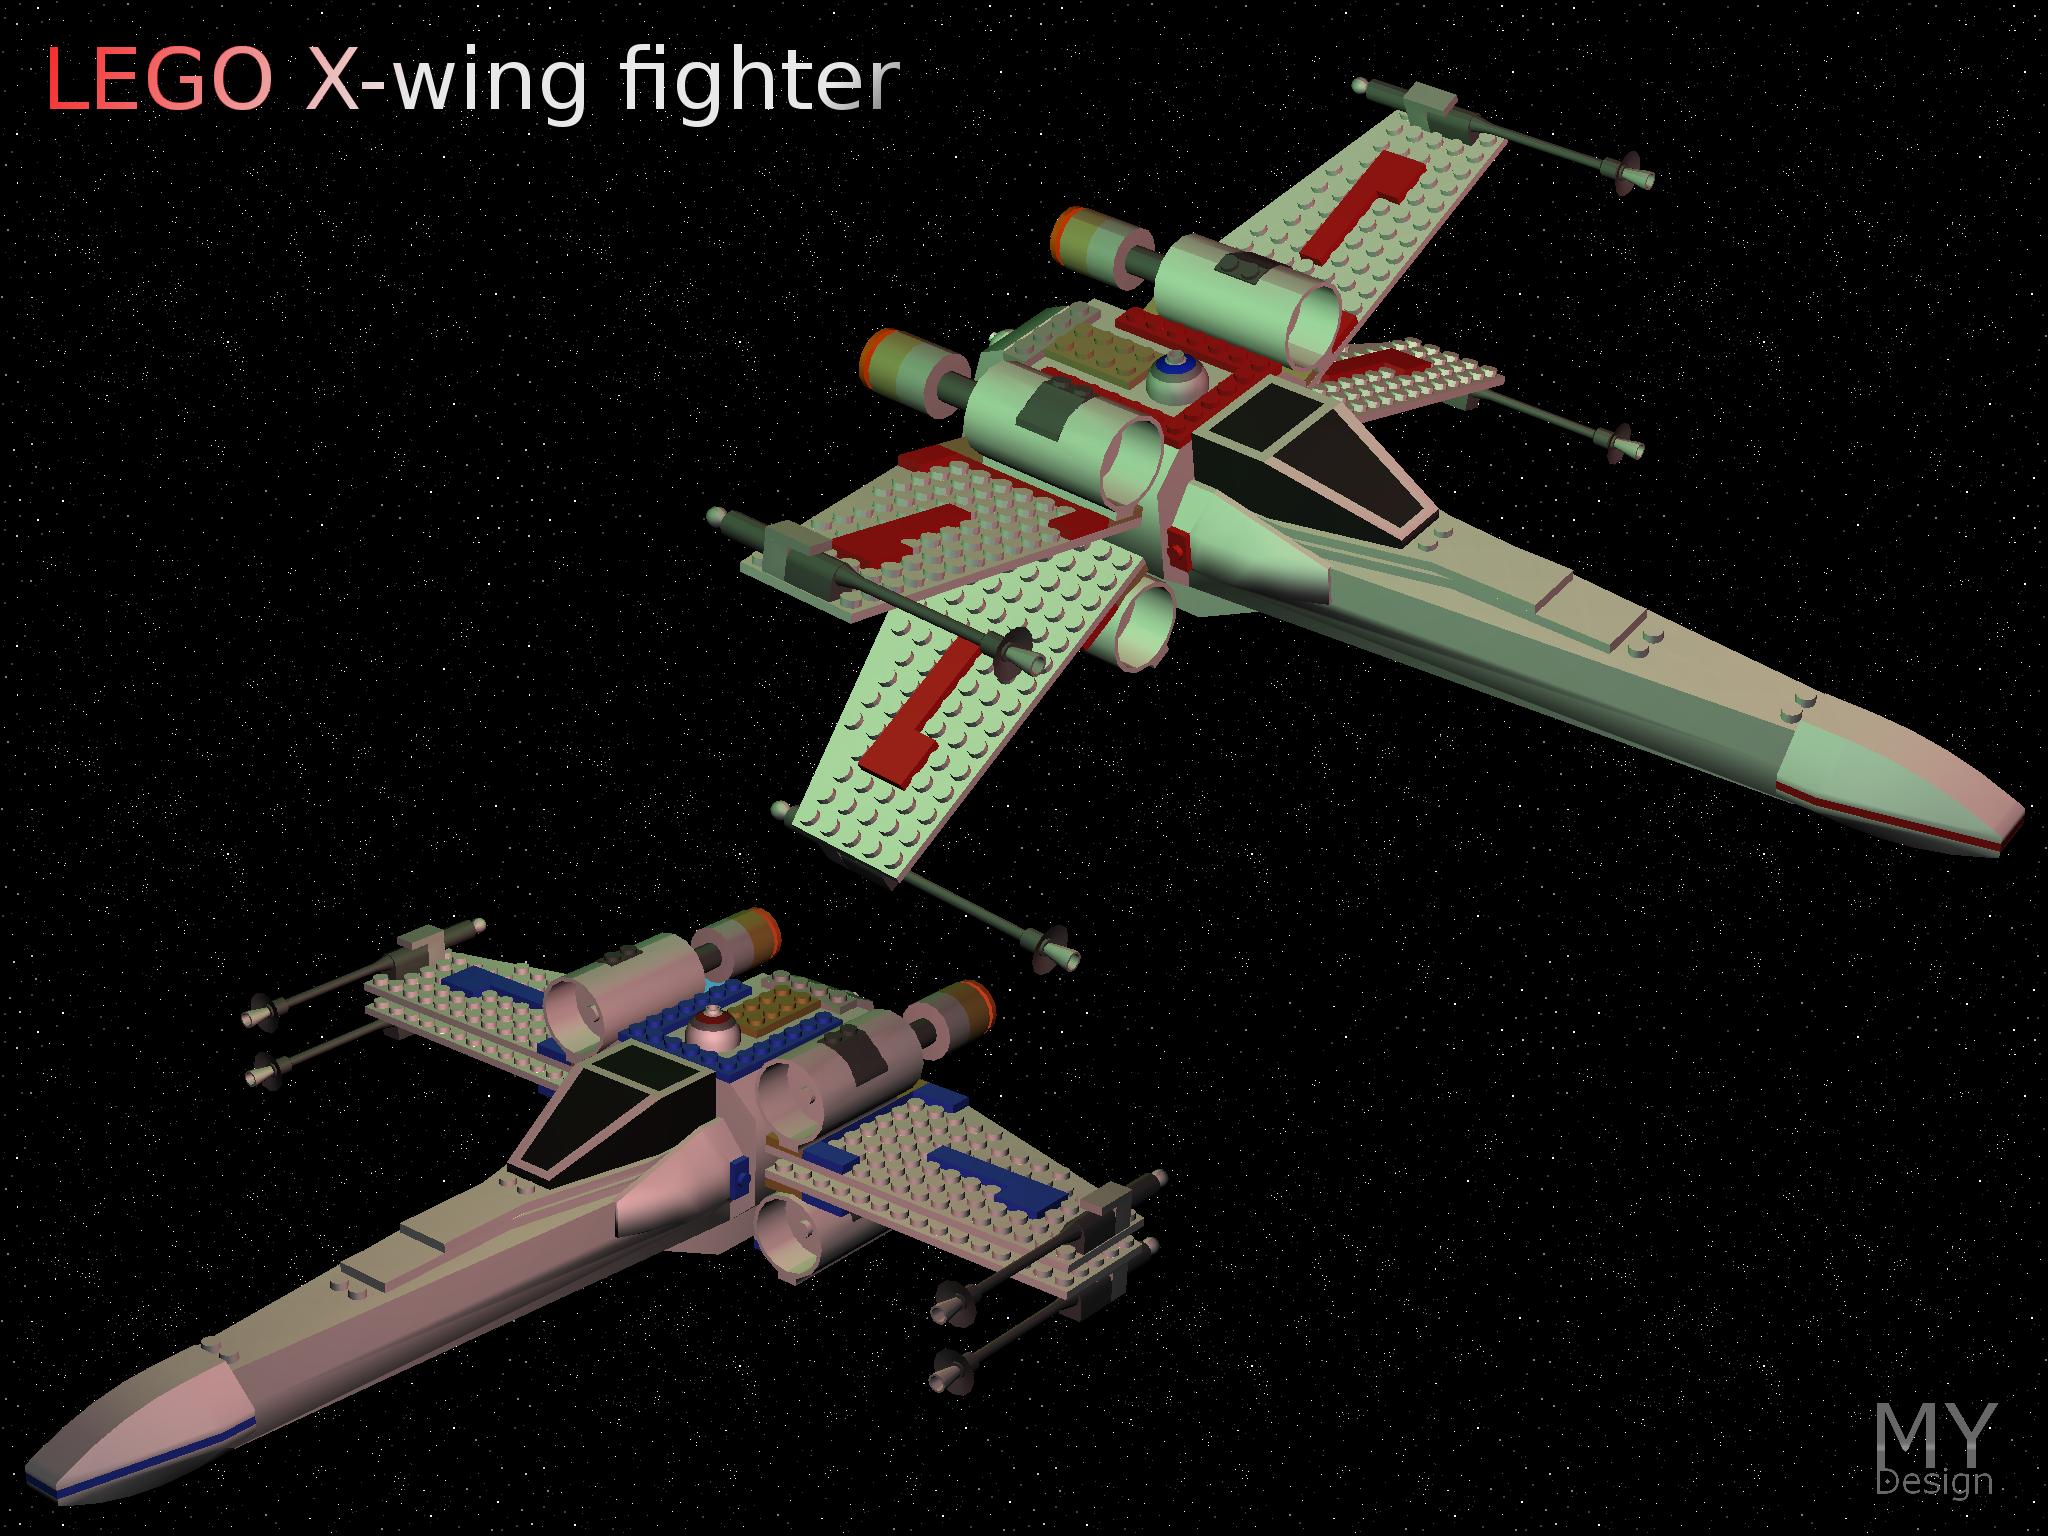 lego x wing fighter image mod db. Black Bedroom Furniture Sets. Home Design Ideas